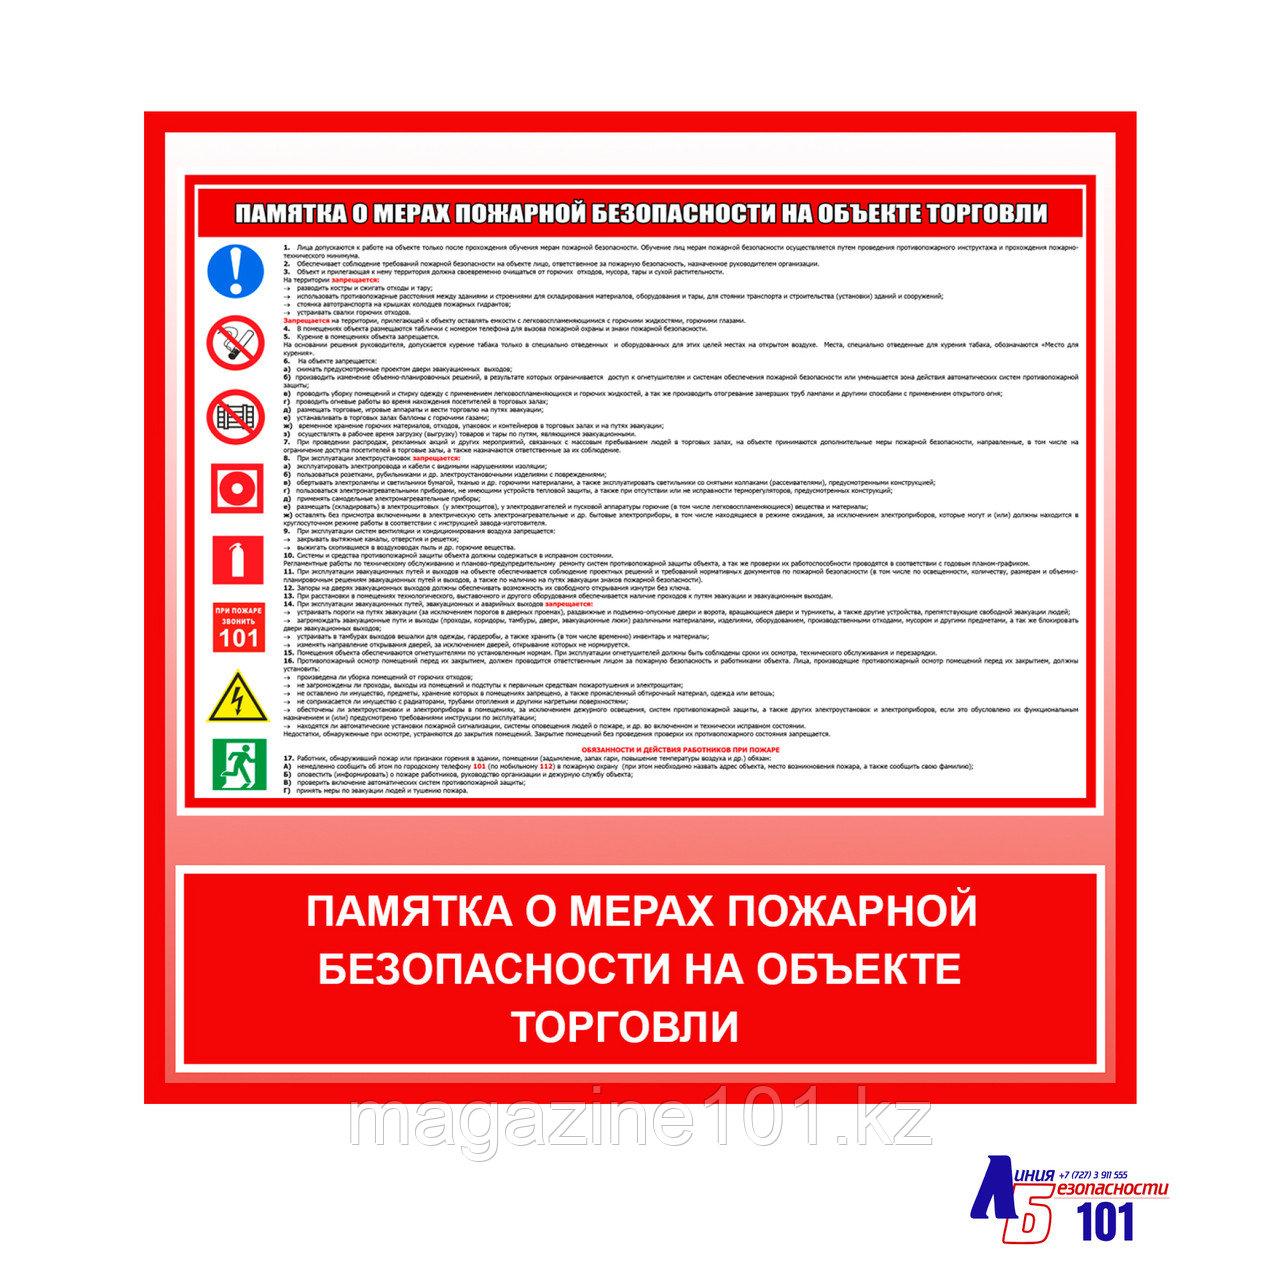 """Плакат """"Памятка о мерах пожарной безопасности на объекте торговли"""""""